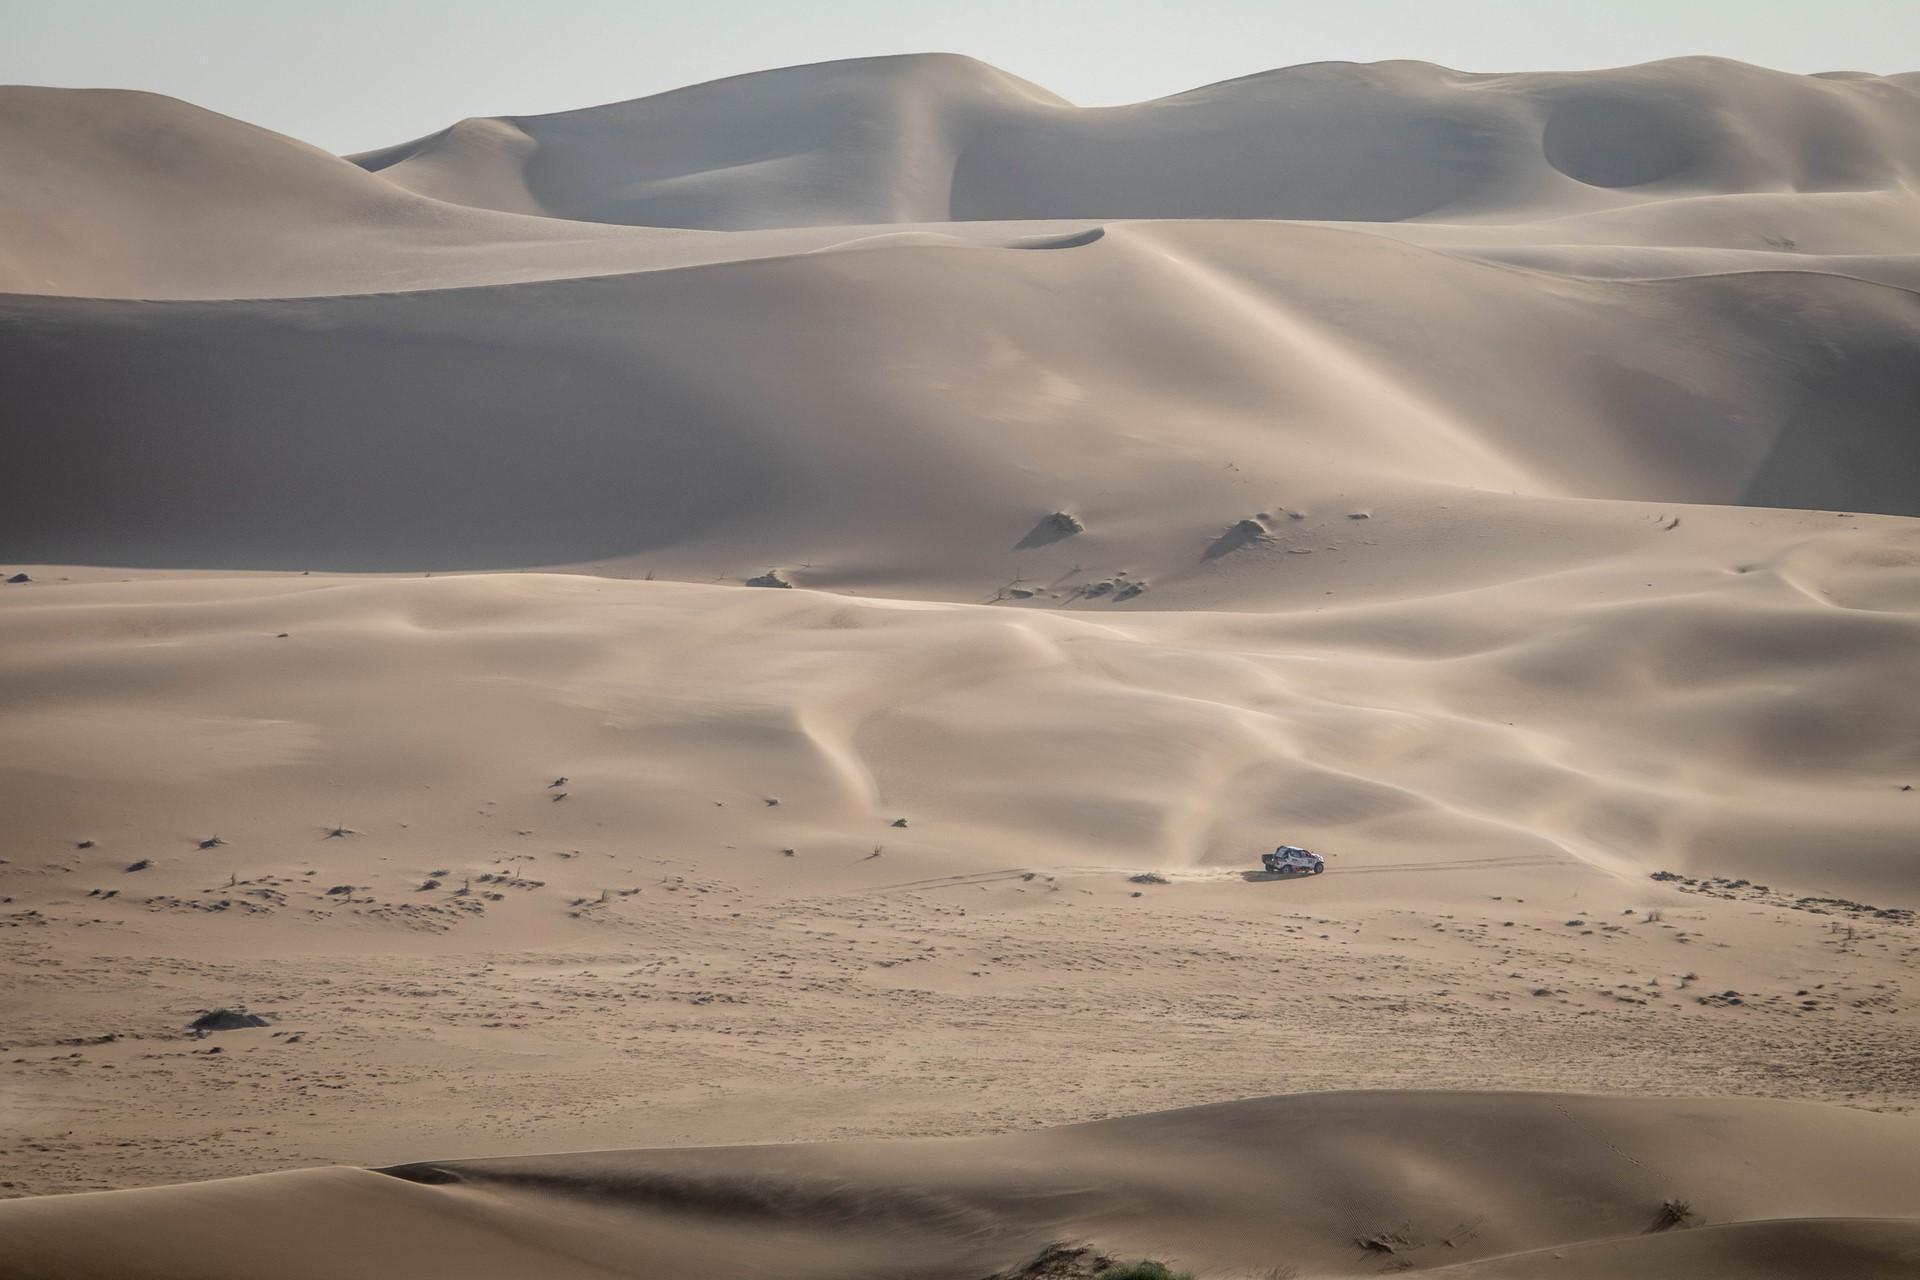 Fernando-Alonso-Training-Namibian-desert-11